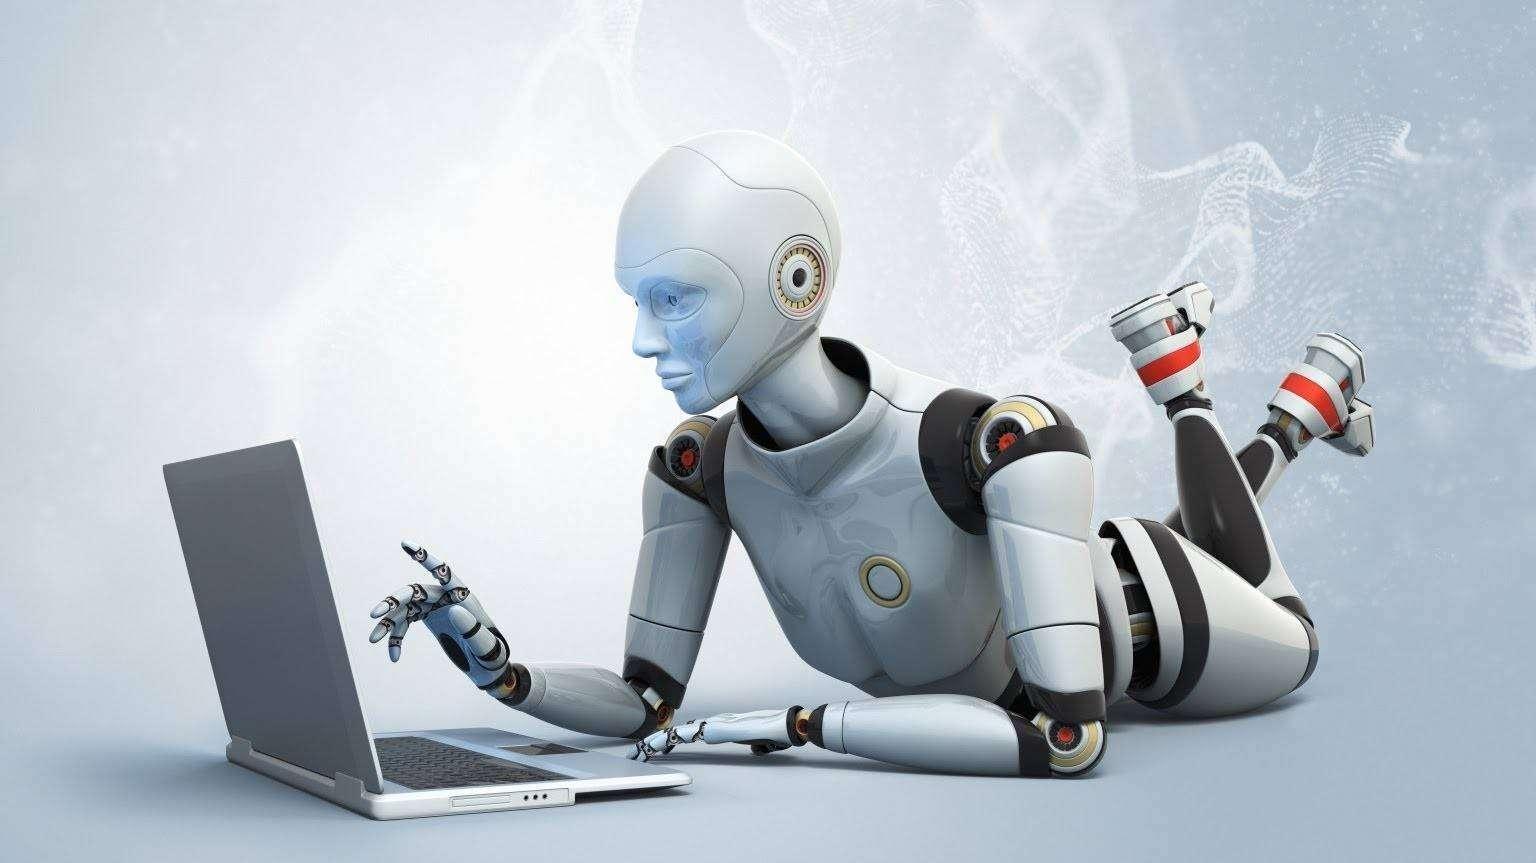 Роботи-маркетологи: як нейромережі змінять світ інтернет-маркетингу